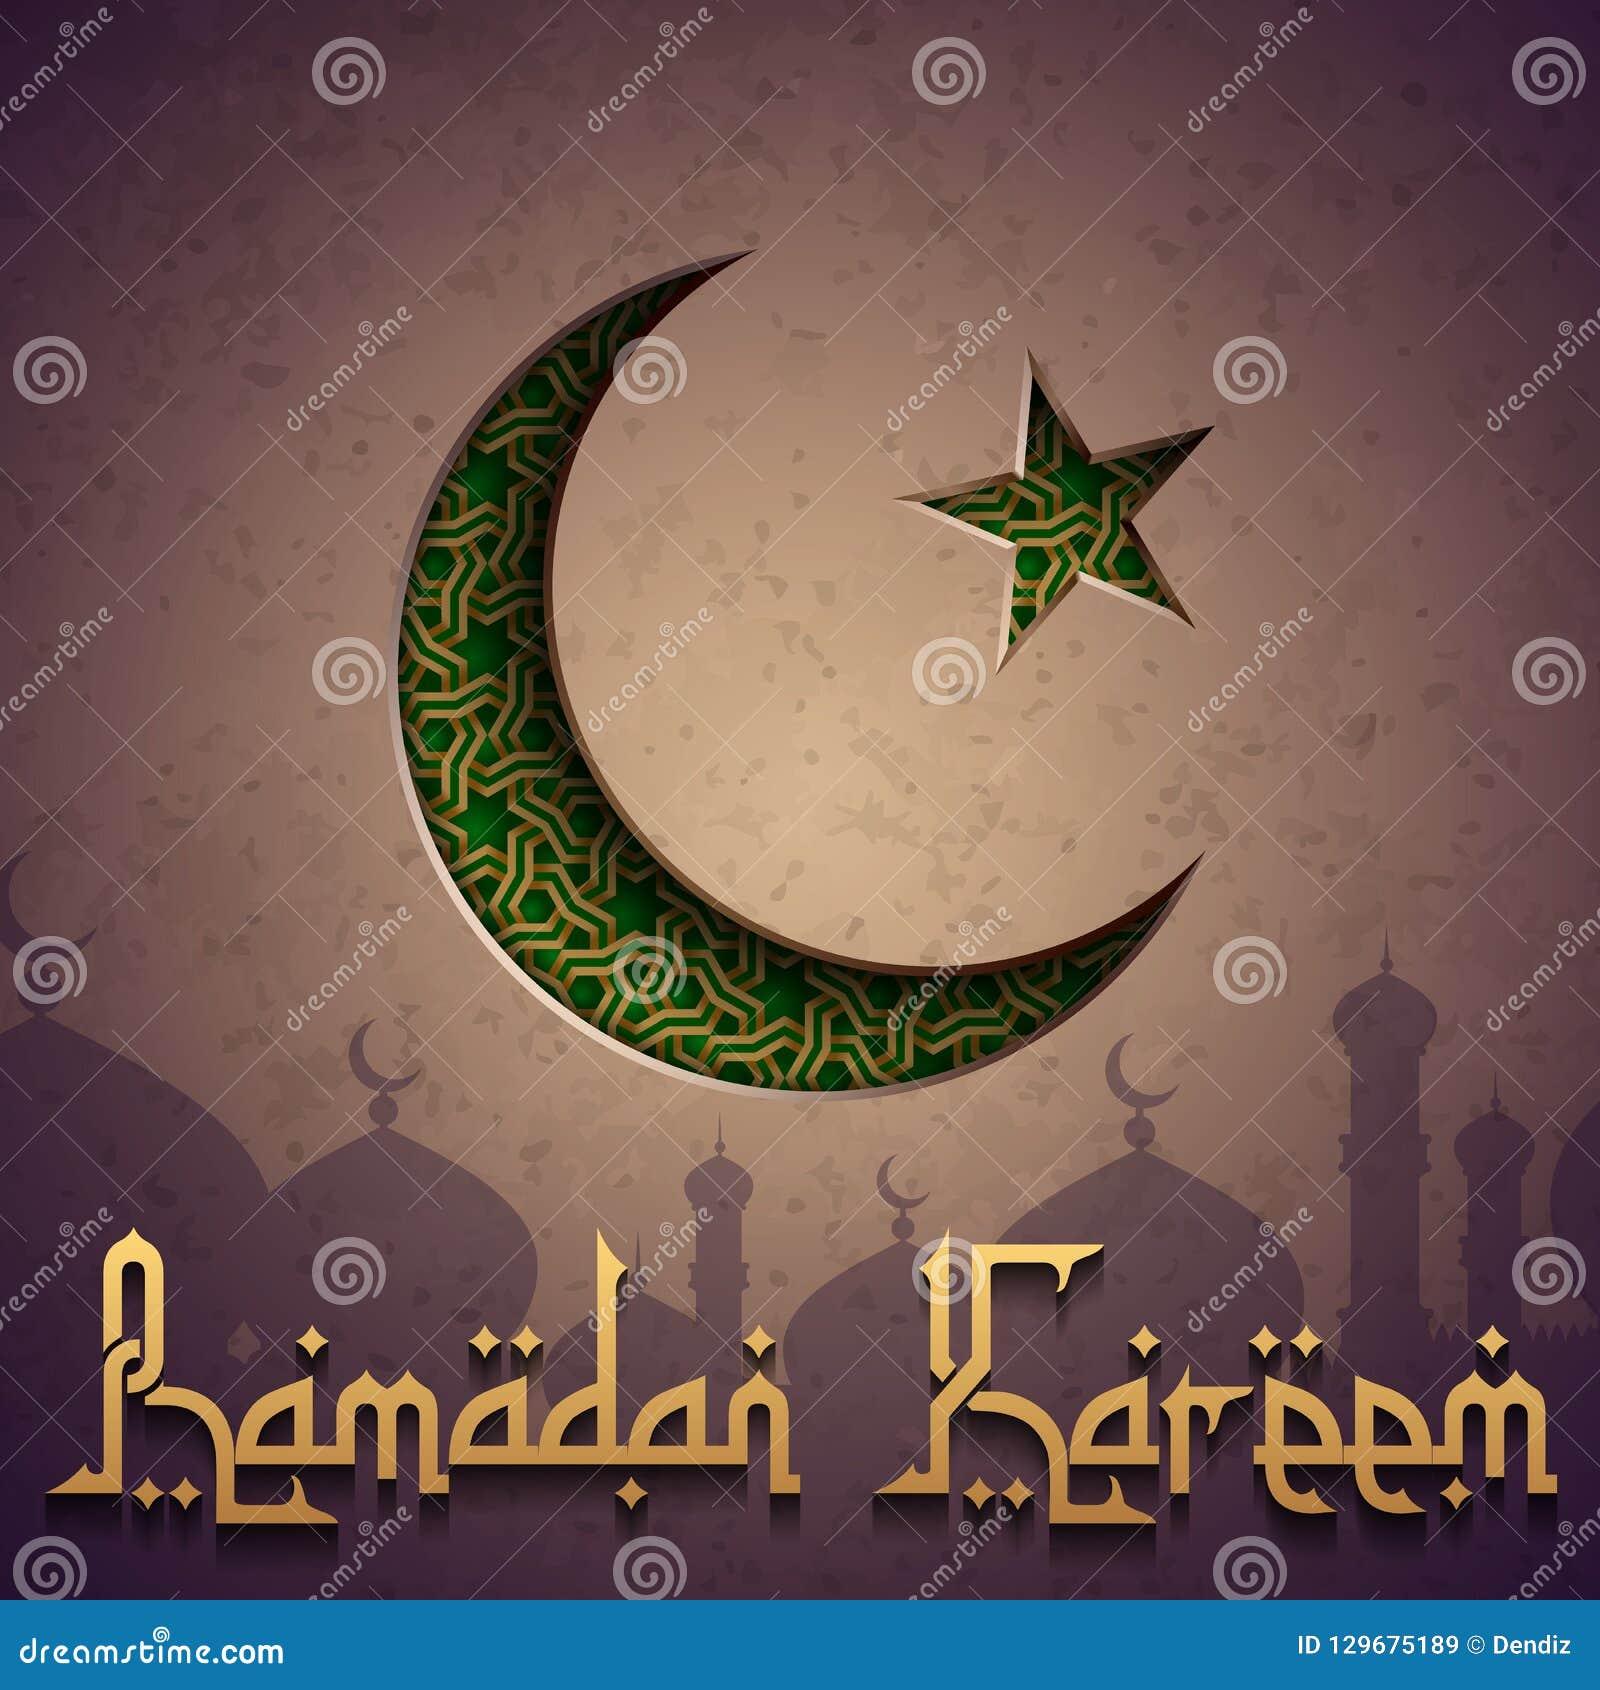 Ramadan Kareem Celebration Greetings kort för helig månad av muslim gemenskap